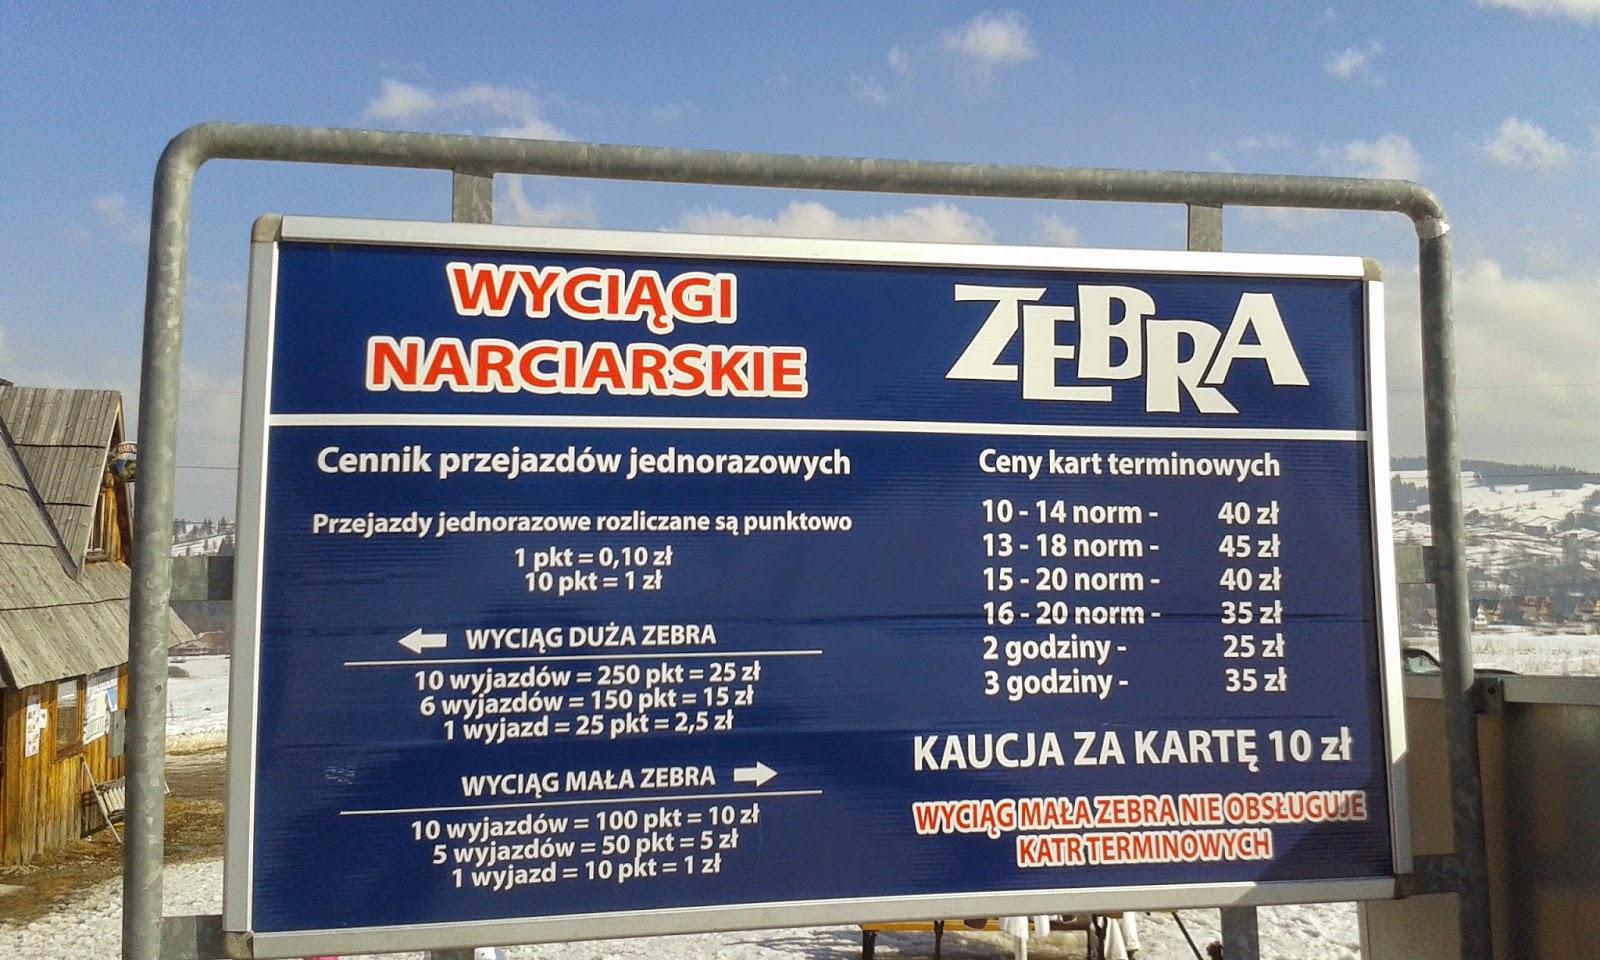 Wyciąg narciarski Zebra cennik